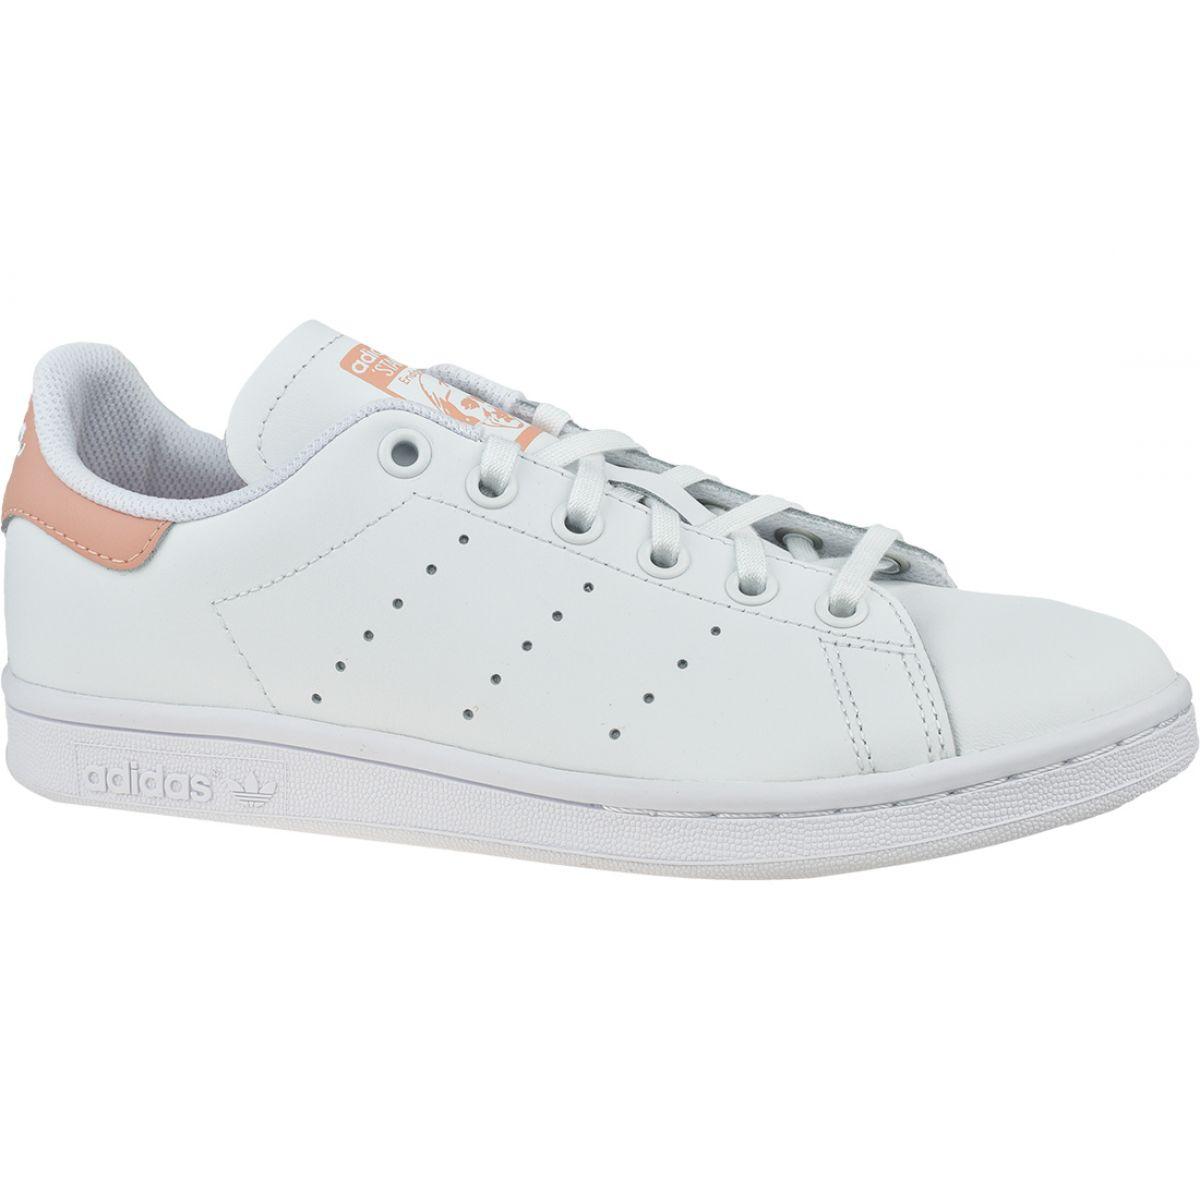 Adidas Originals Stan Smith Jr EE7571